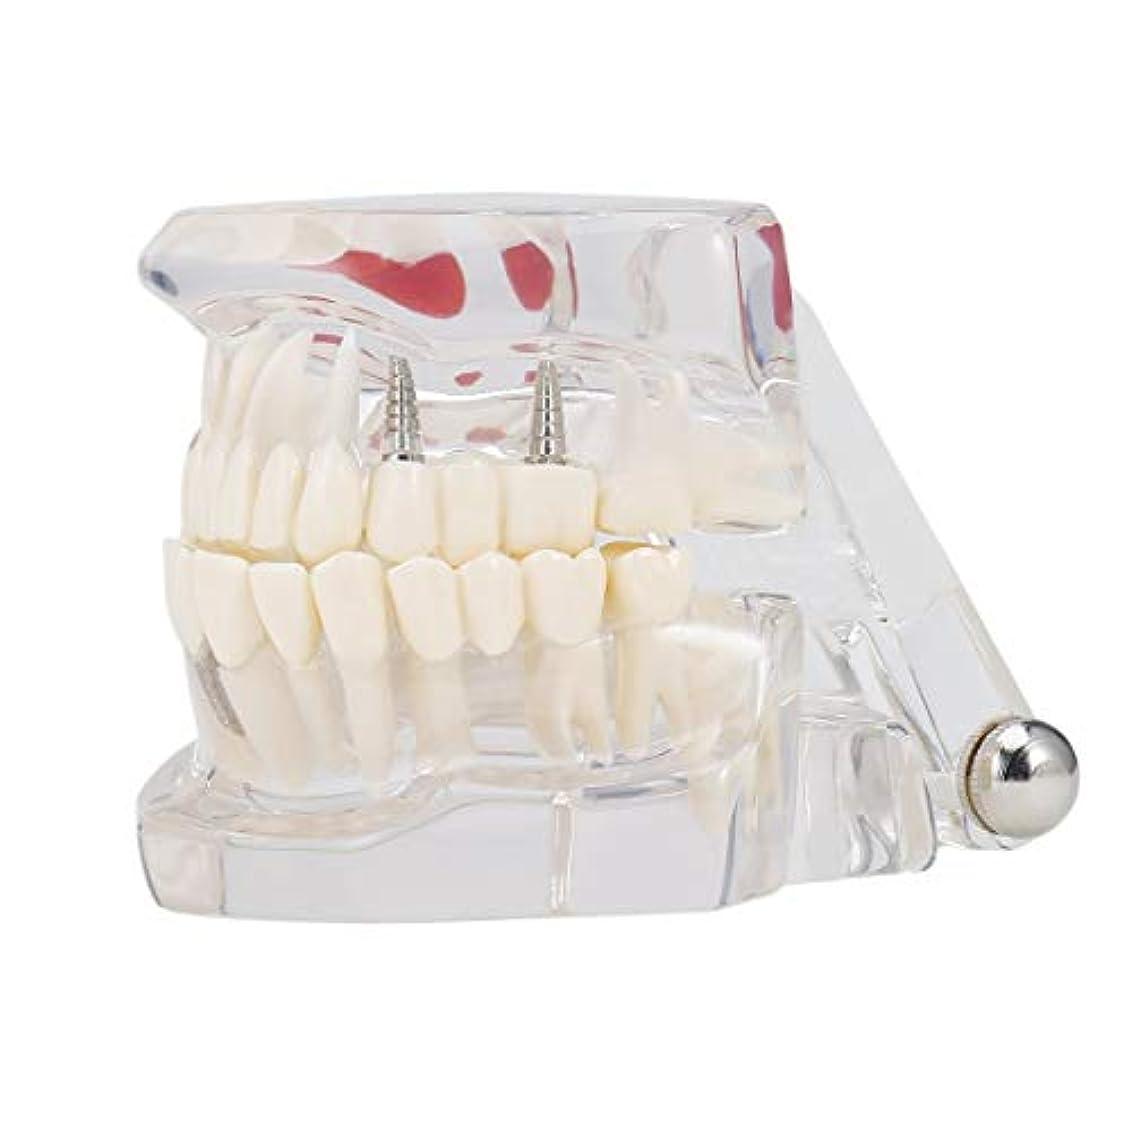 西浜辺シンジケート専門の取り外し可能な偽の歯の歯の病気のモルデルの歯科インプラント回復表示医院の病院の教育使用 (色:黒)(Rustle666)